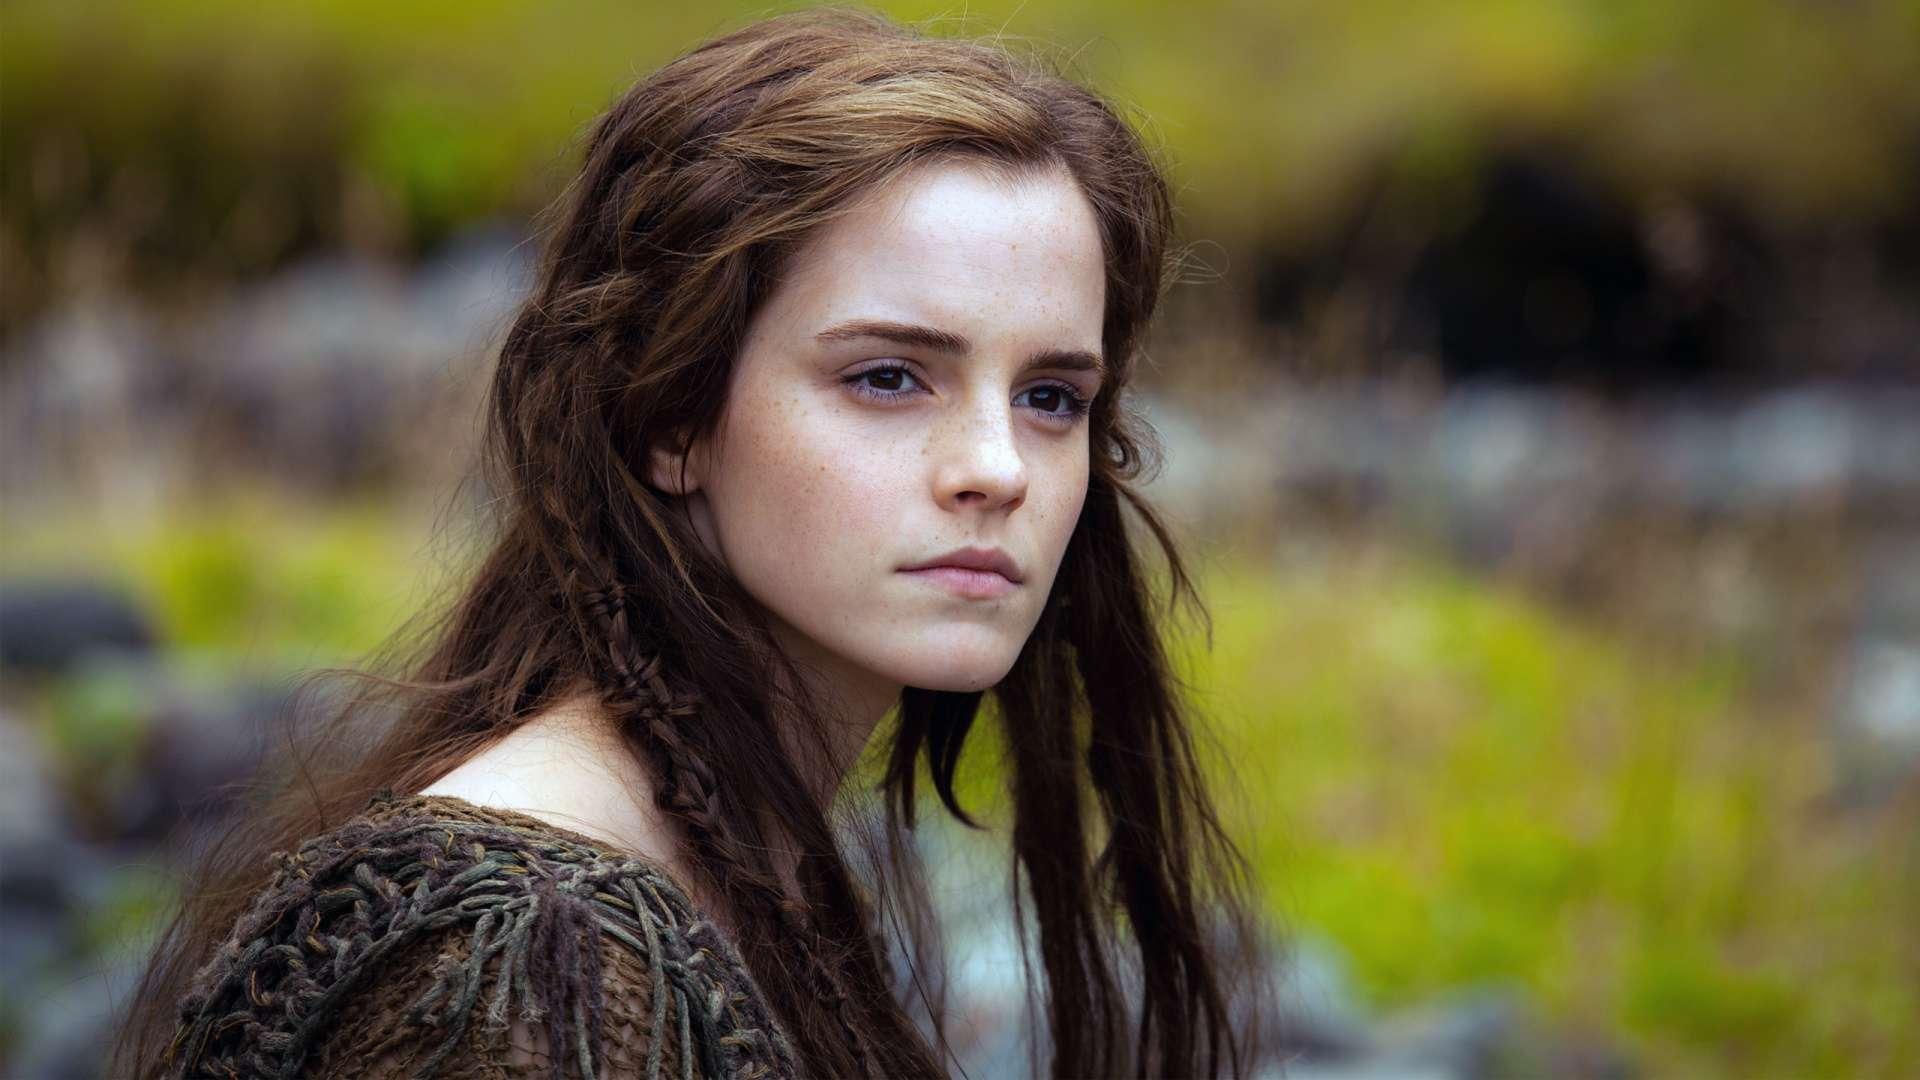 Download now Hd Wallpaper Emma Watson In Noah 1080p Read description 1920x1080